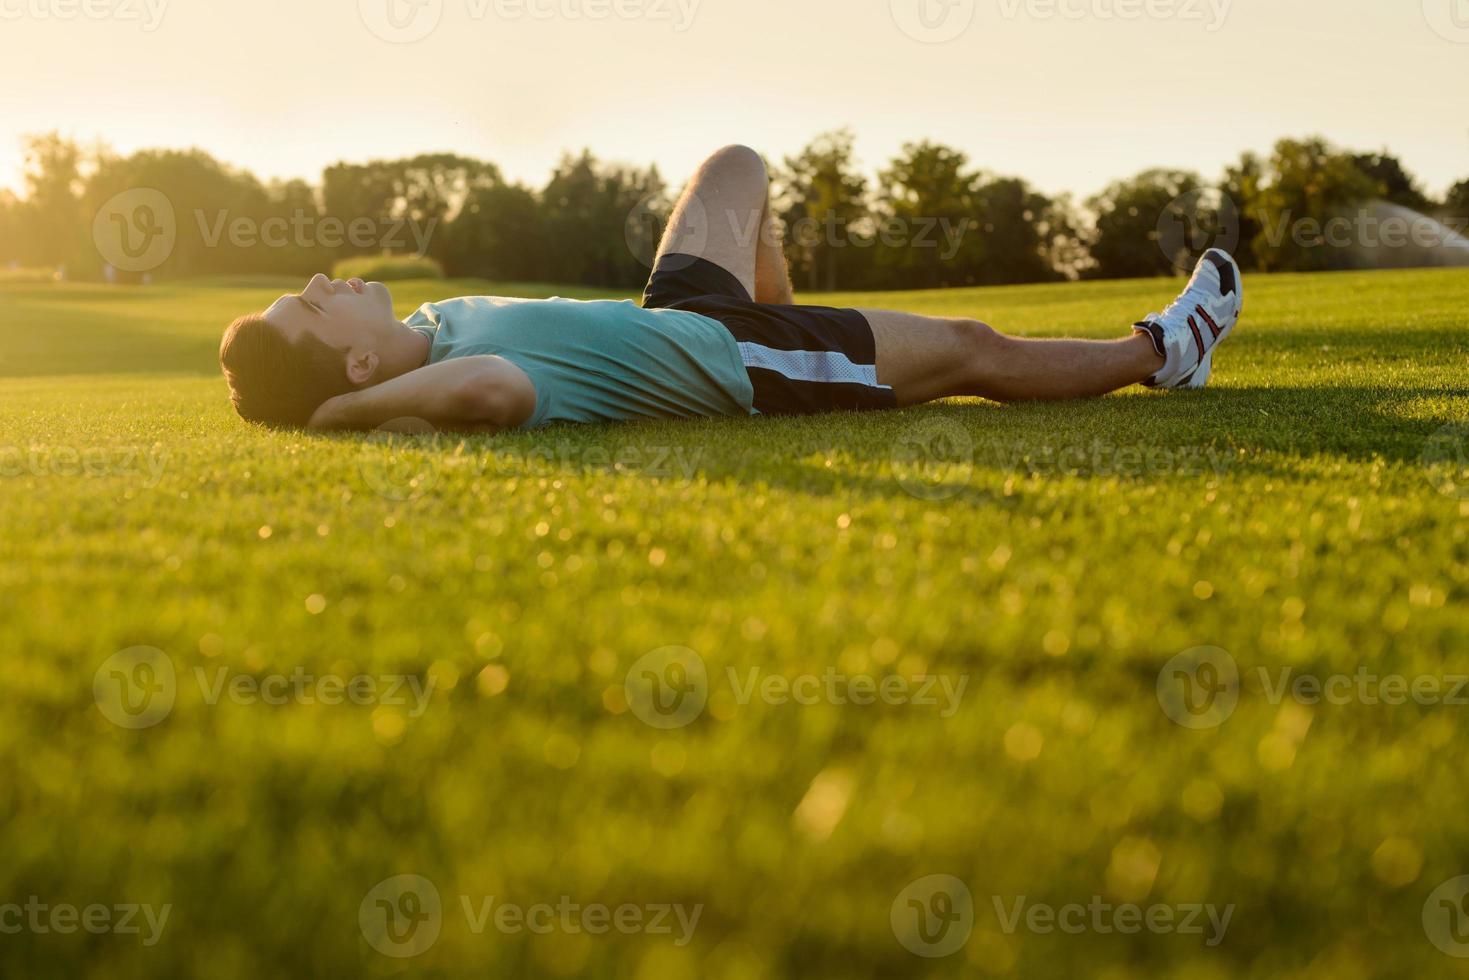 cara deitado no parque ao pôr do sol. foto